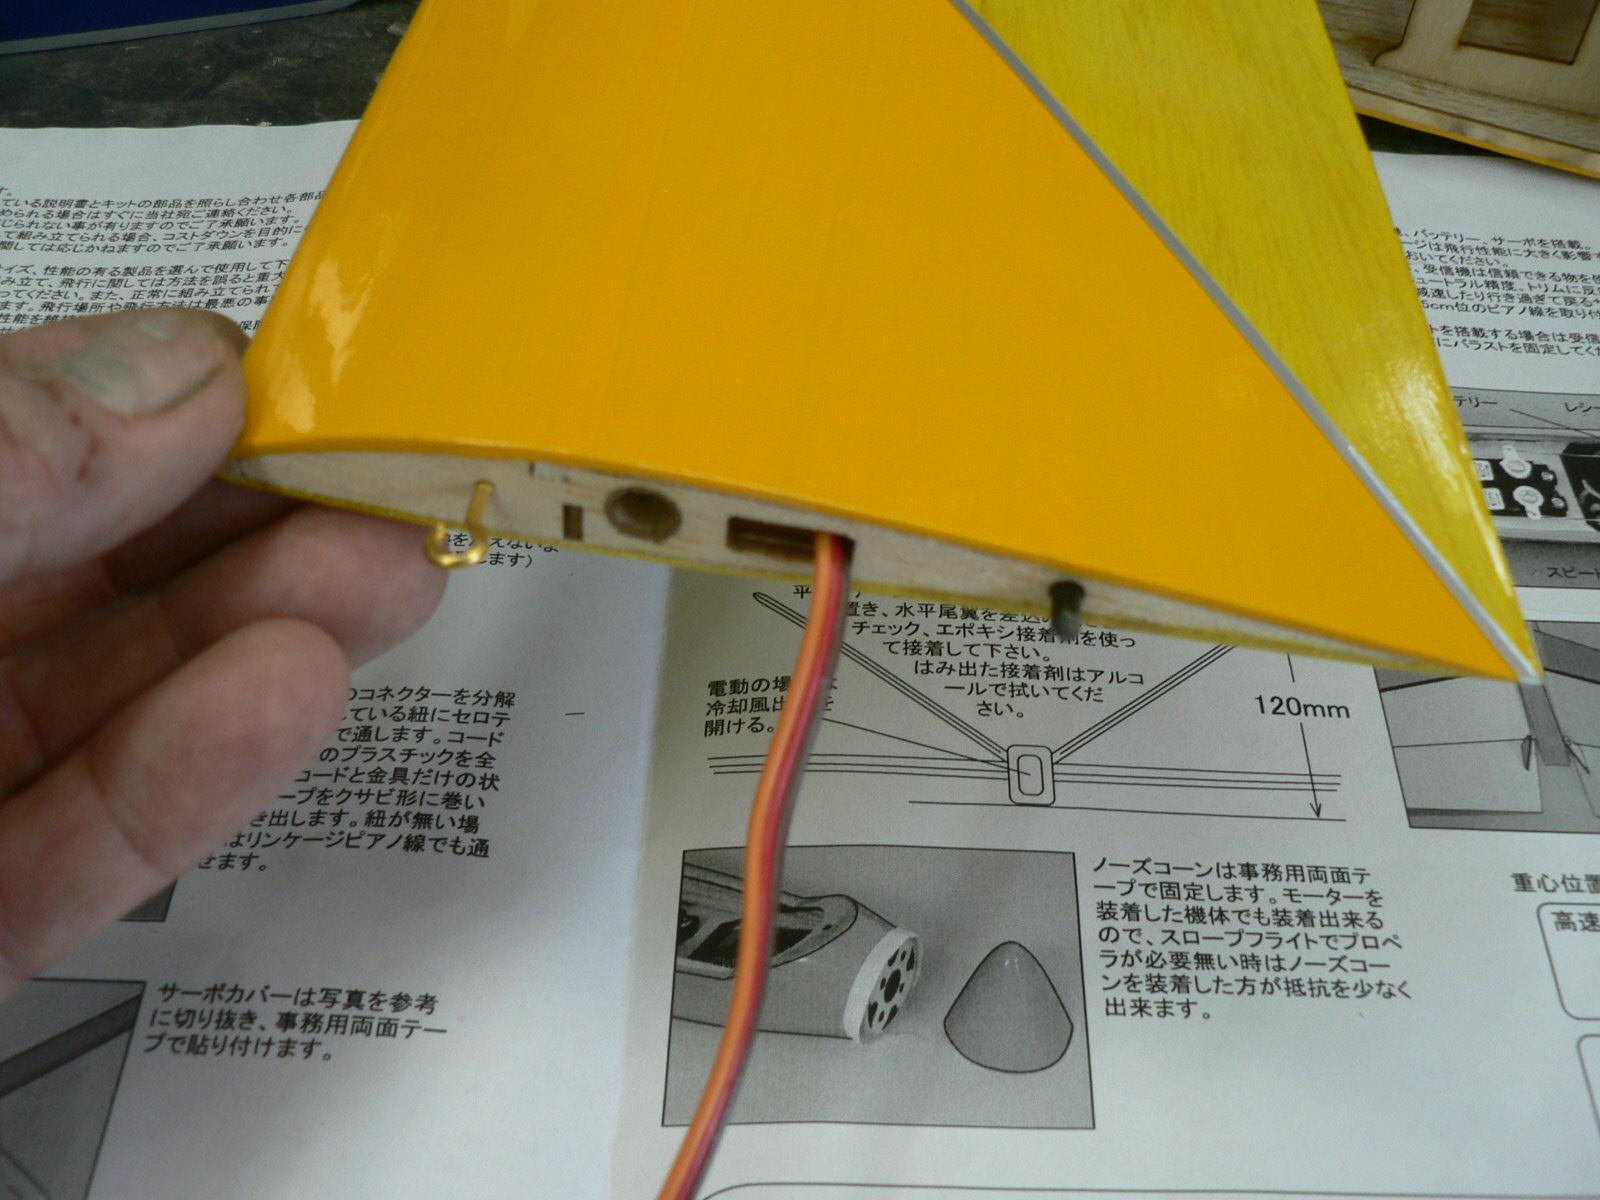 カシオペア・セラARFを作る。その4_e0146402_19493463.jpg